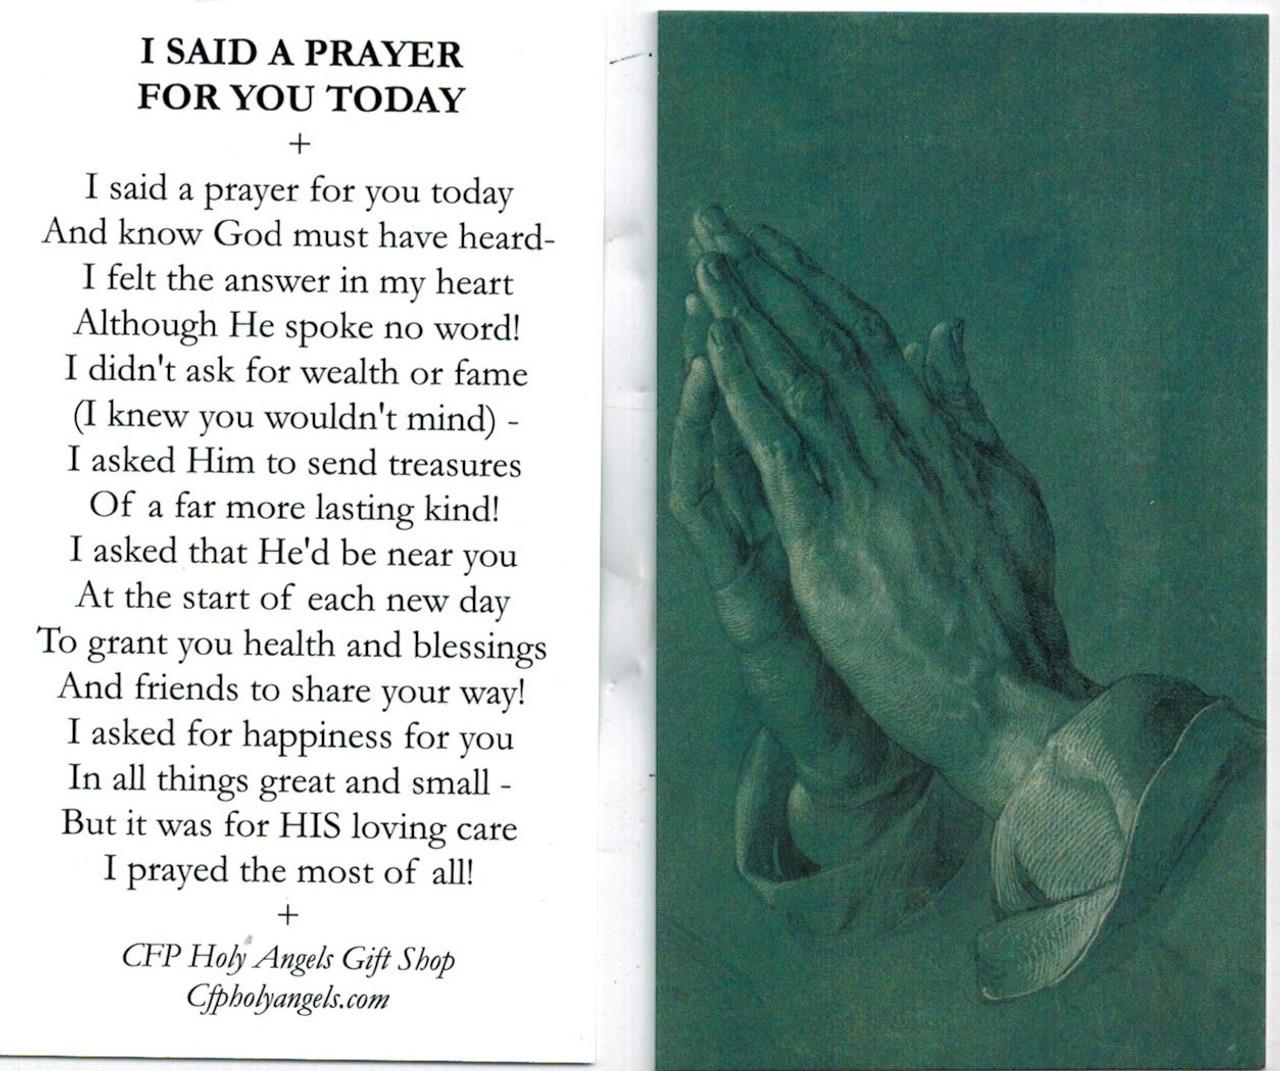 I said a prayer for you today prayer card